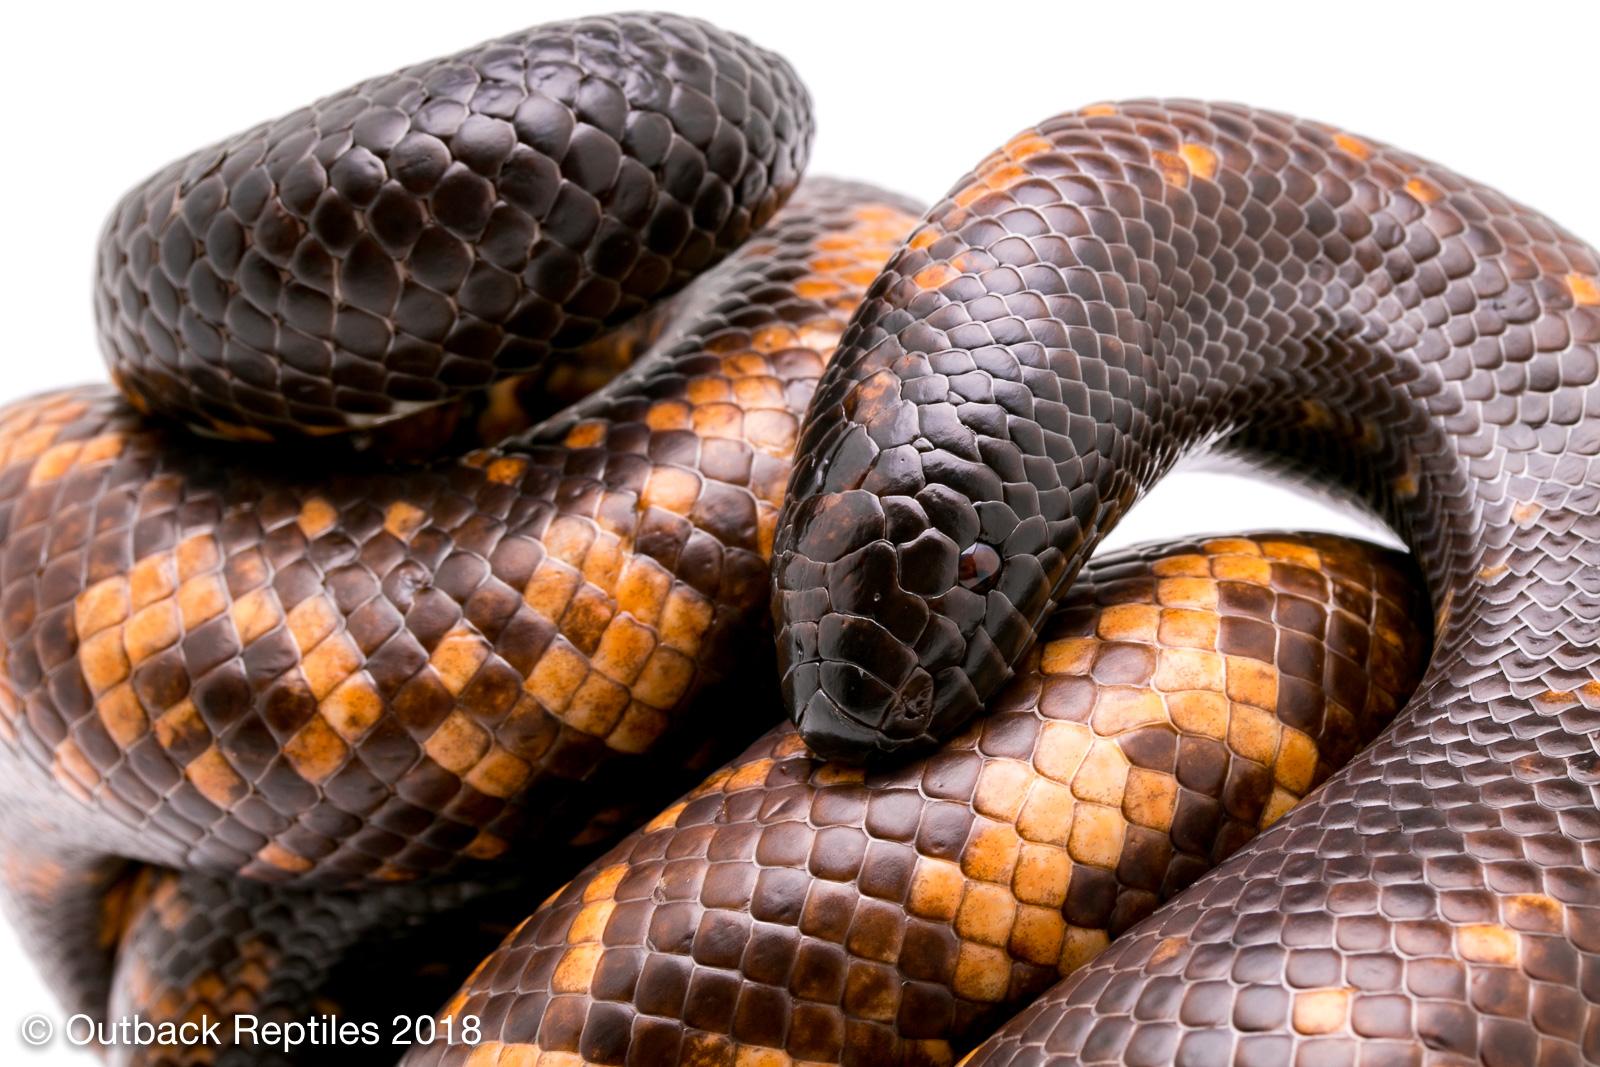 Calabar Burrowing Python